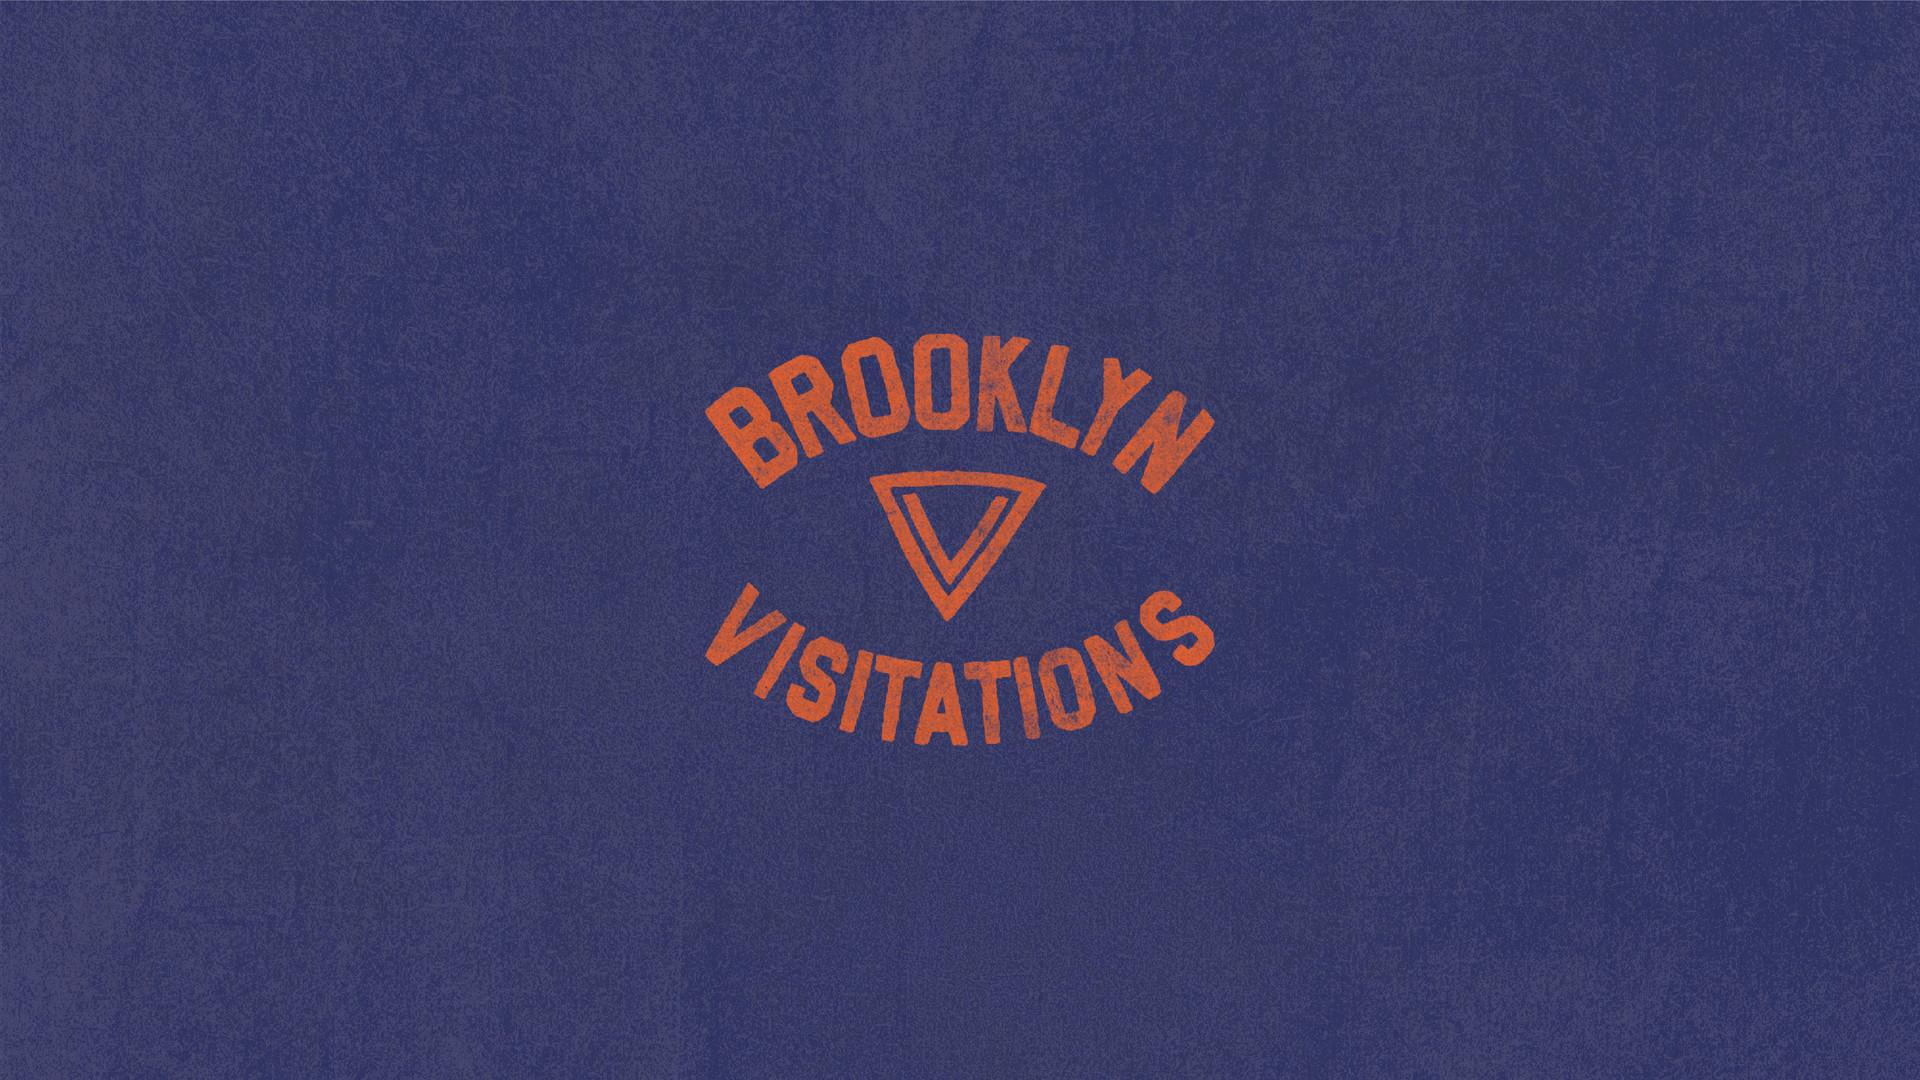 Brooklyn Visitations REVISION 1-02.jpg